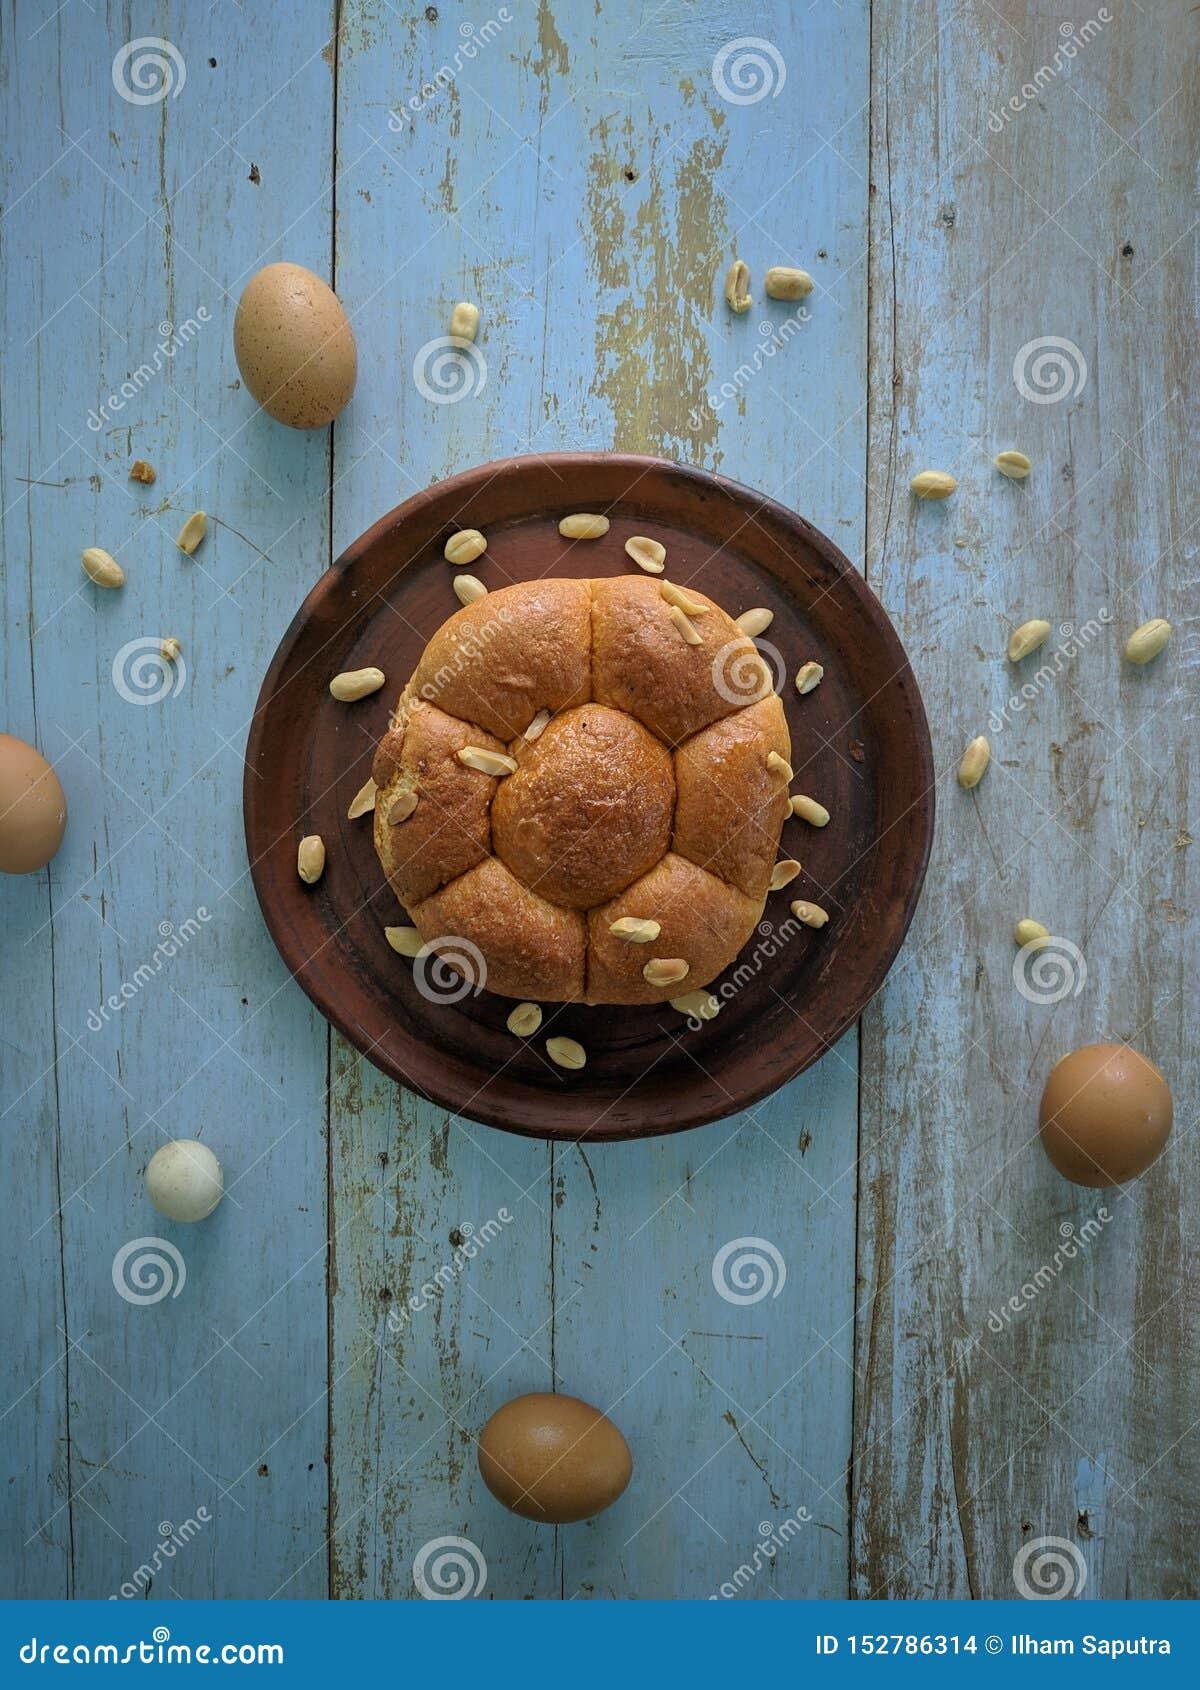 Wit brood met noten op kleiplaat